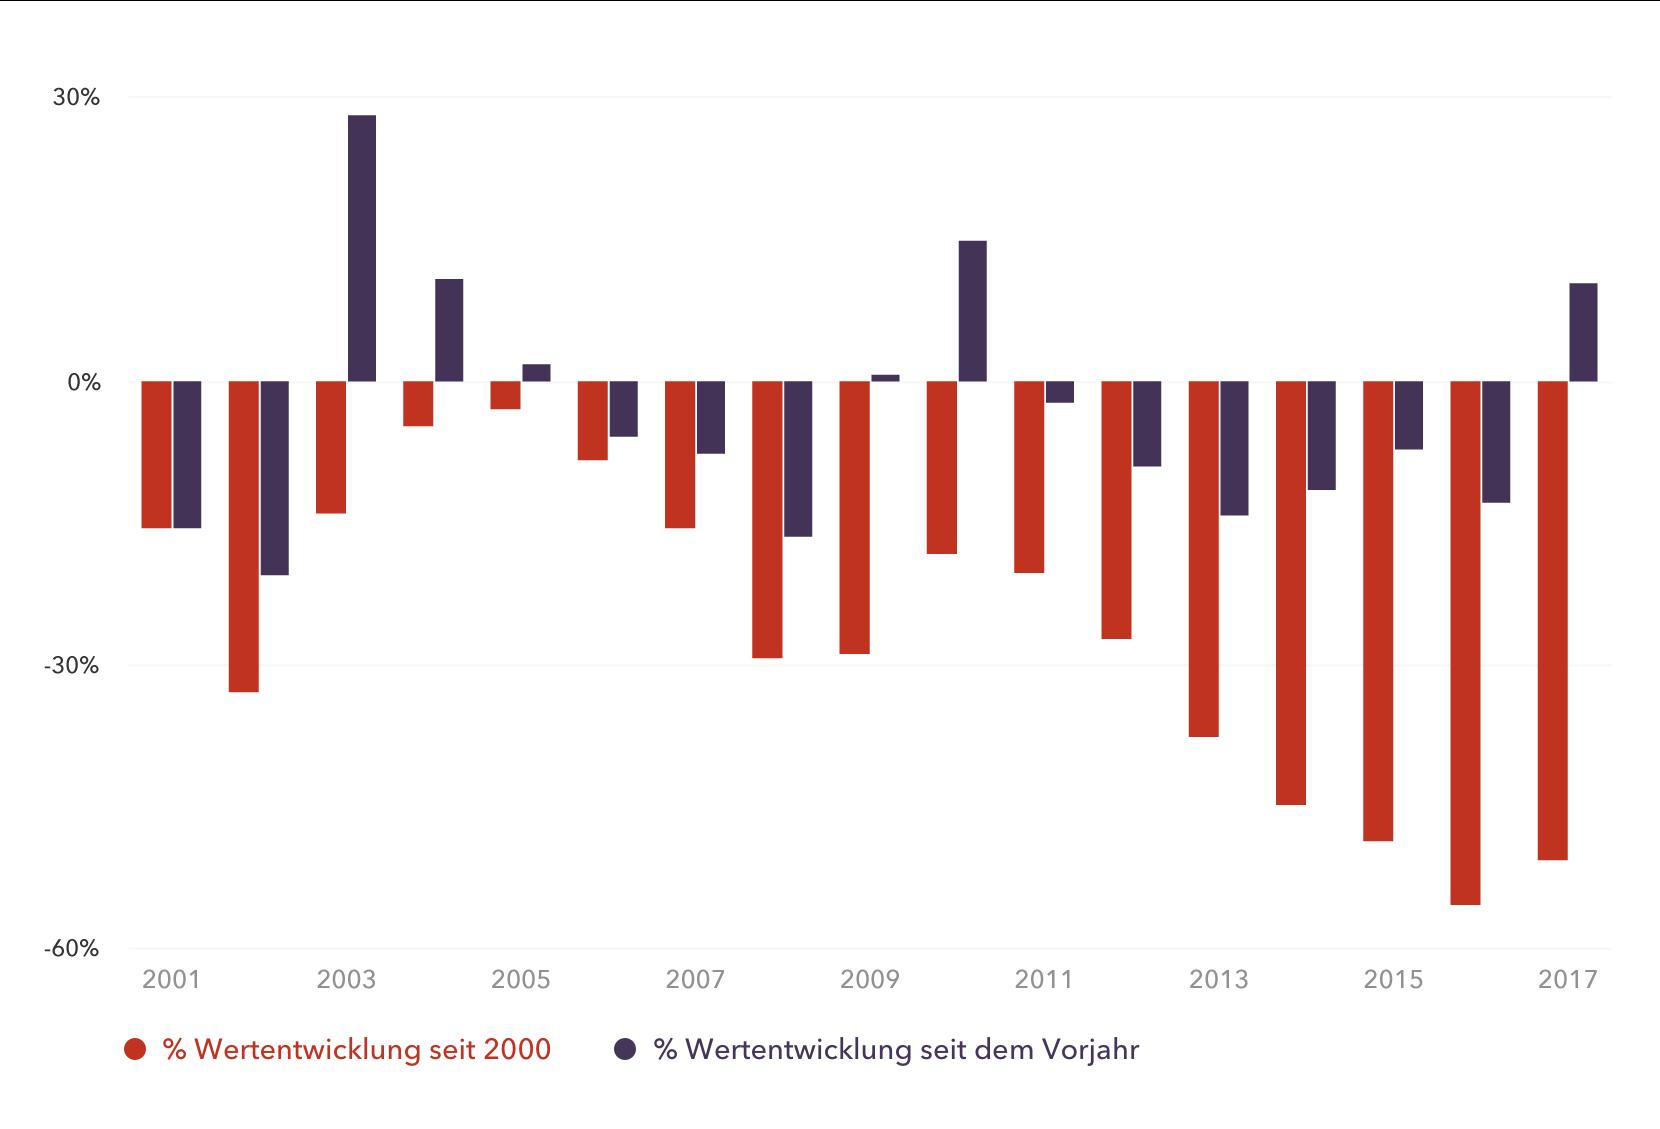 Wertentwicklung südafrikanischer Rand (ZAR) seit 2000